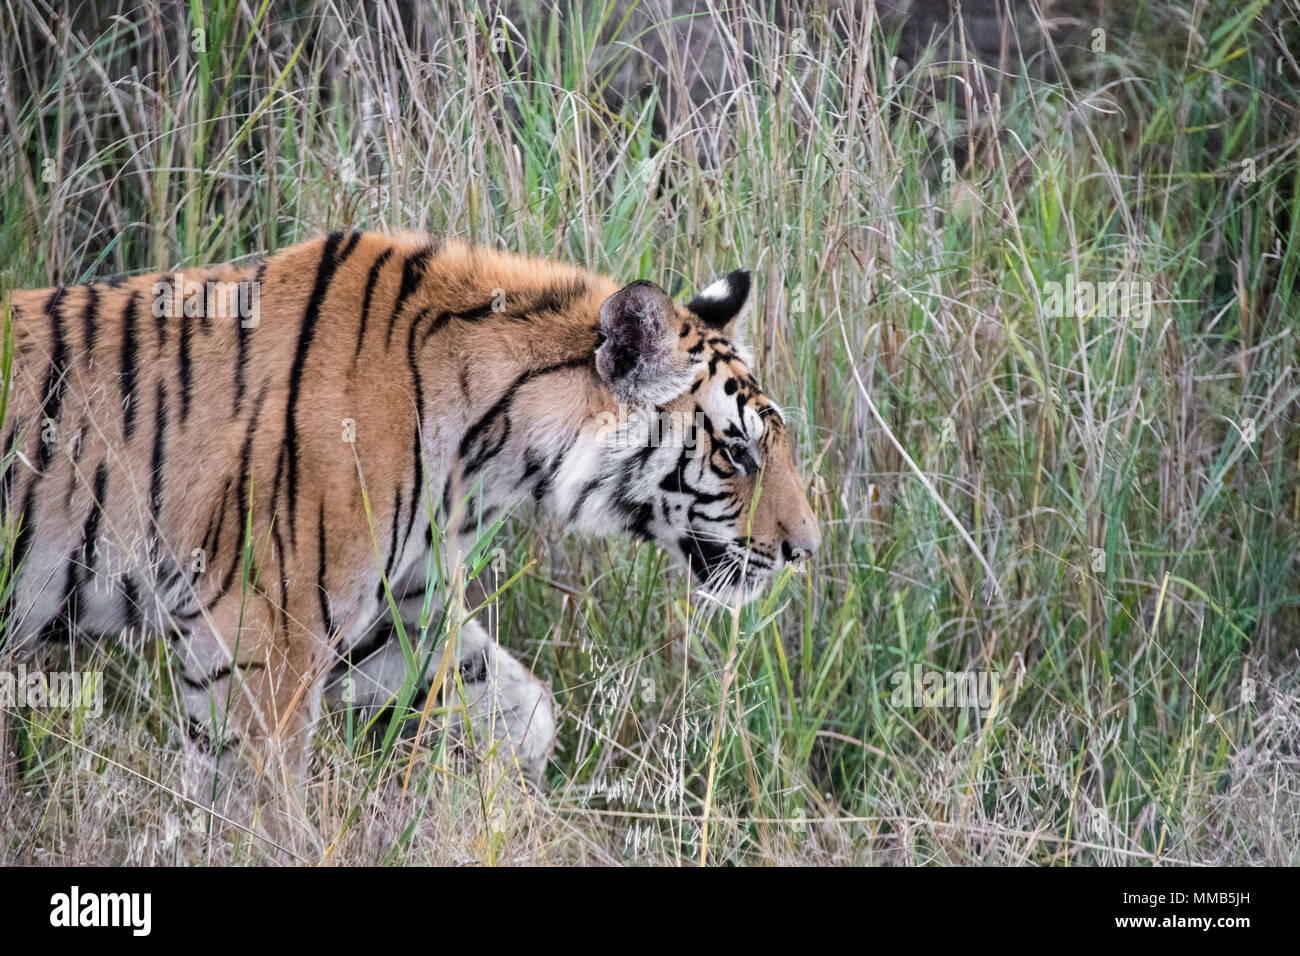 Deux ans homme tigre du Bengale, Panthera tigris tigris,vue latérale, balade dans la Réserve de tigres de Bandhavgarh, Madhya Pradesh, Inde Photo Stock